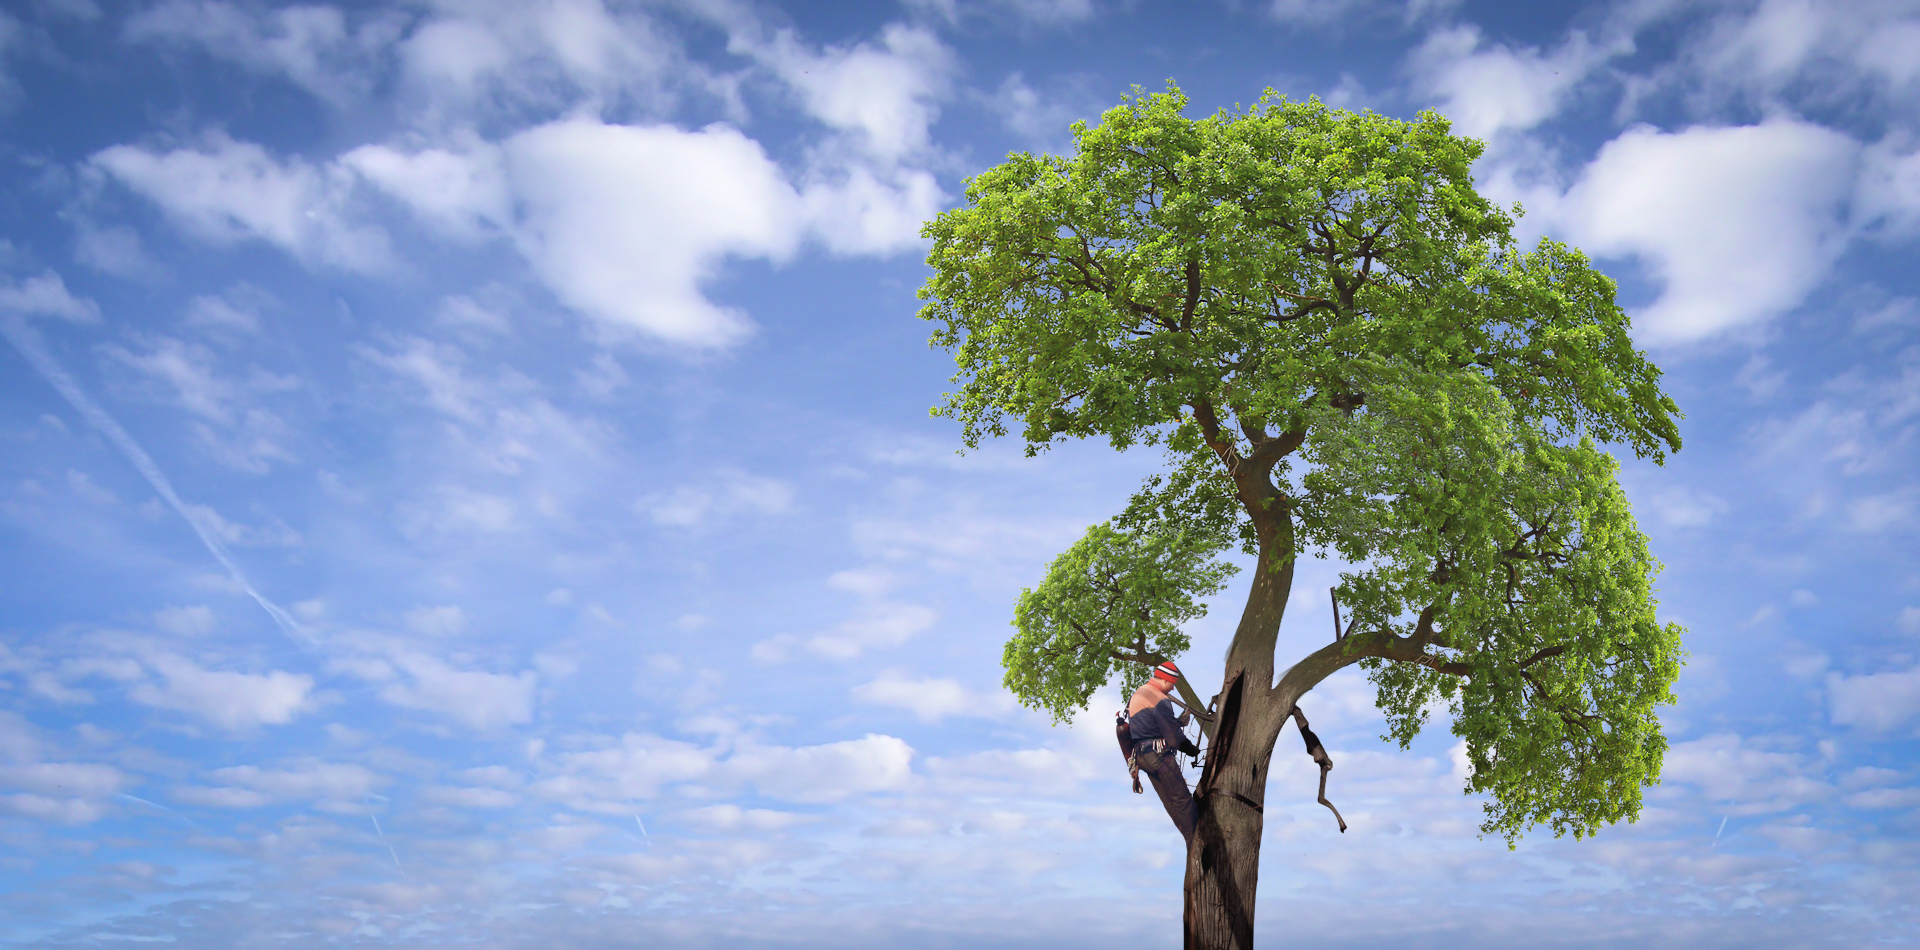 Arboristika - péče o zeleň, dřeviny a krajinu